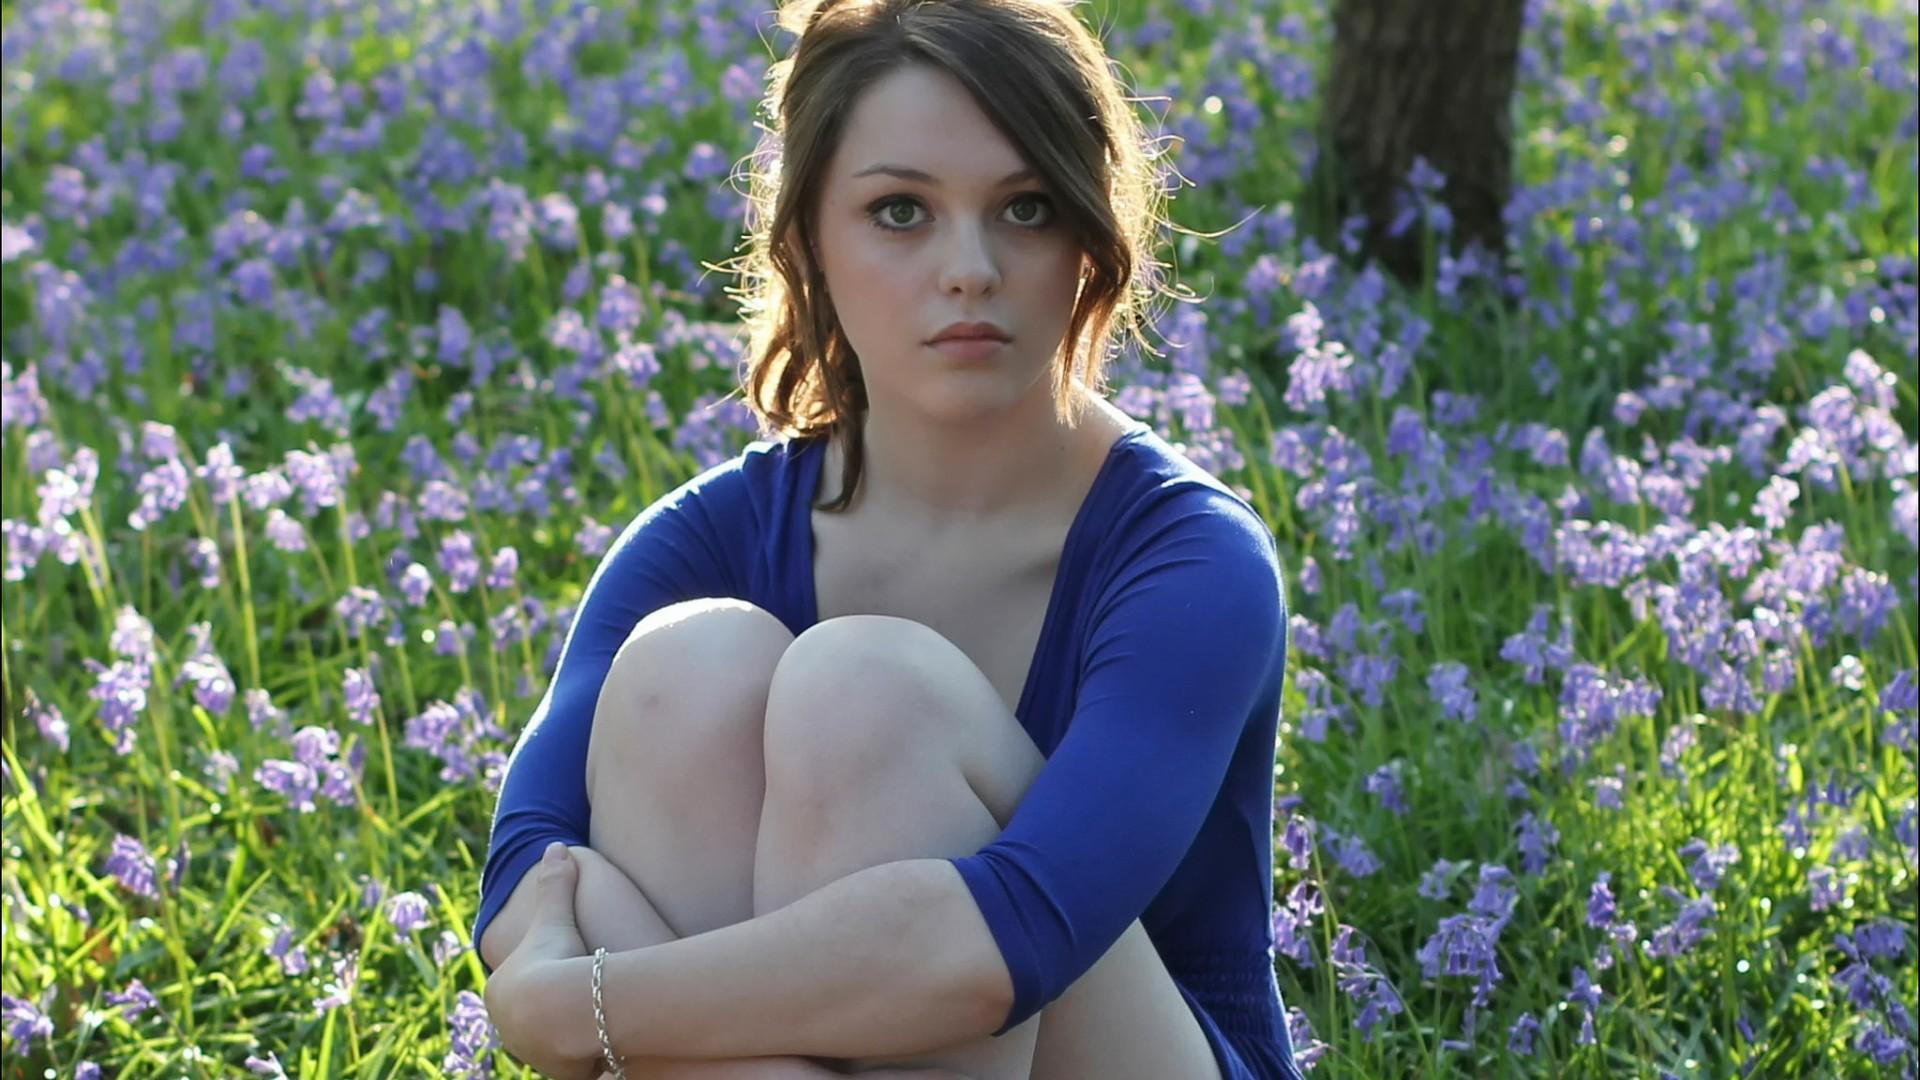 والپیپر دختر خوشگل در میان گل های بنفش - ایموگن دایر - Imogen Dyer